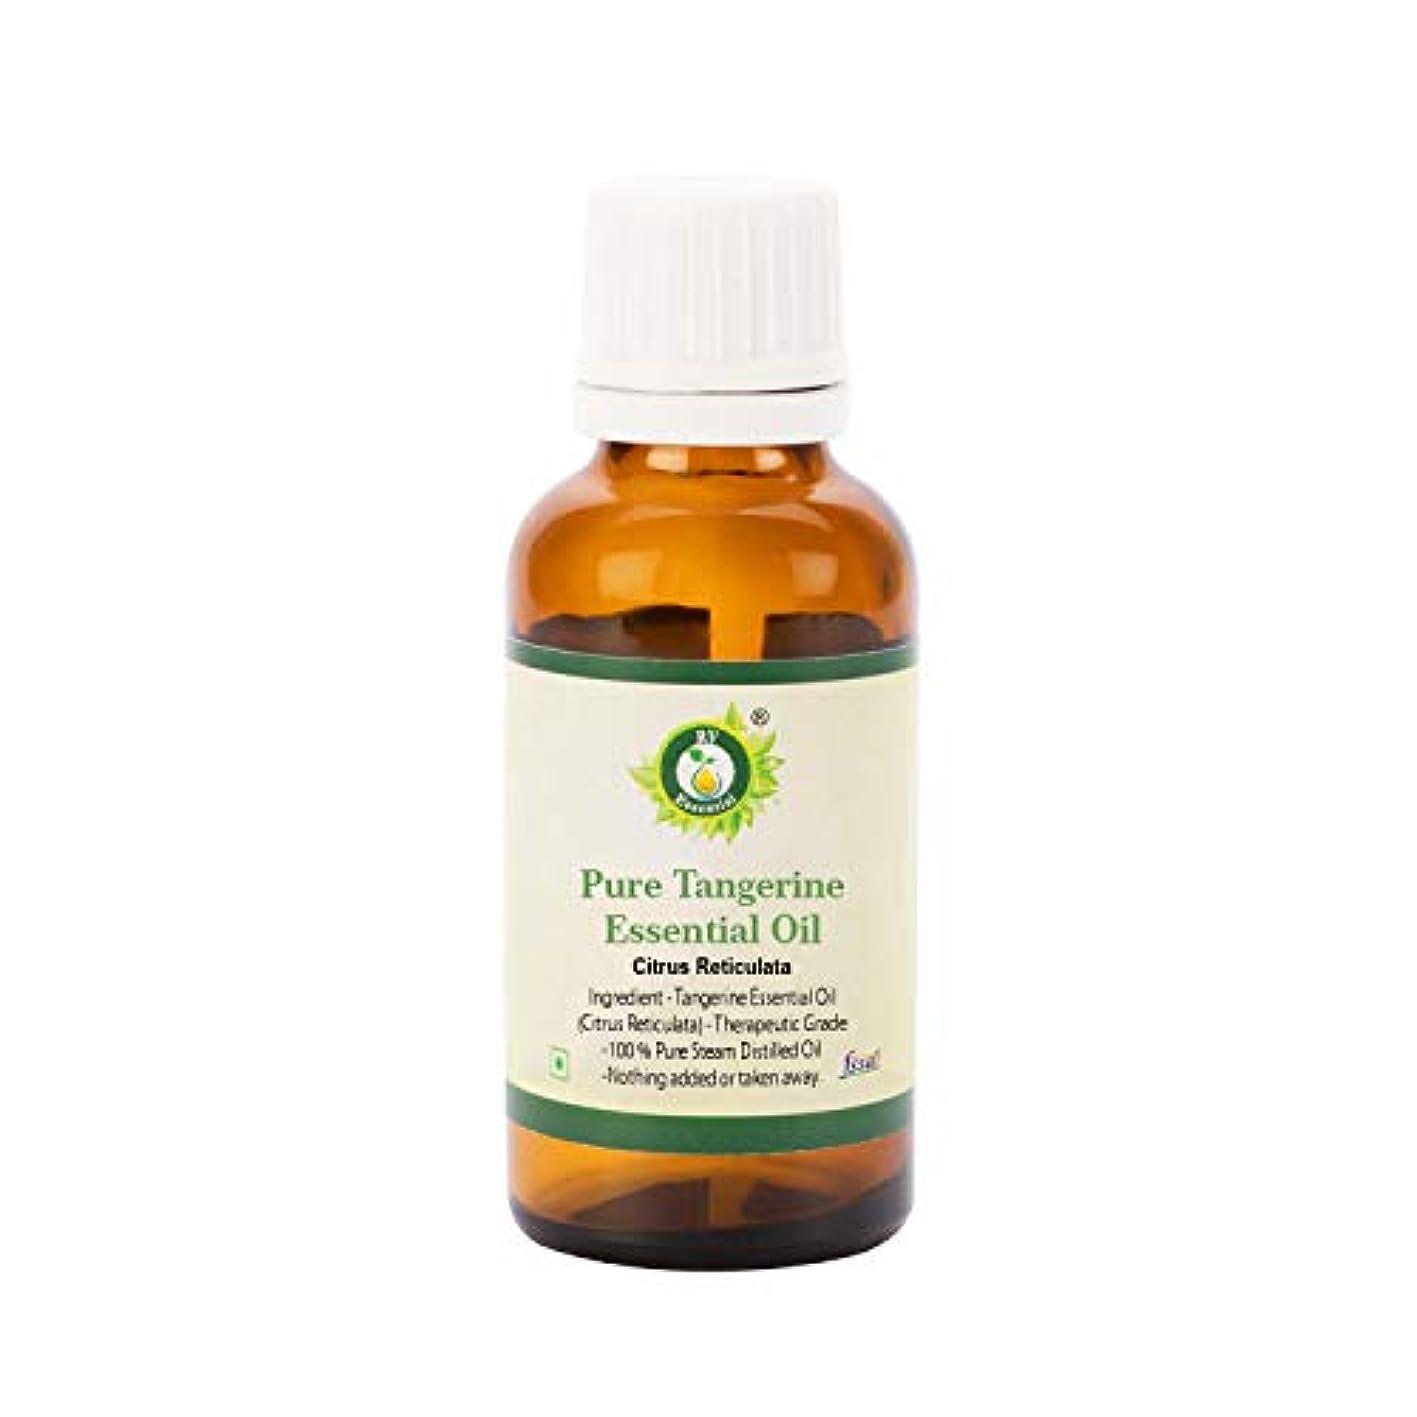 表現研磨剤解説R V Essential ピュアタンジェリンエッセンシャルオイル50ml (1.69oz)- Citrus Reticulata (100%純粋&天然スチームDistilled) Pure Tangerine Essential...